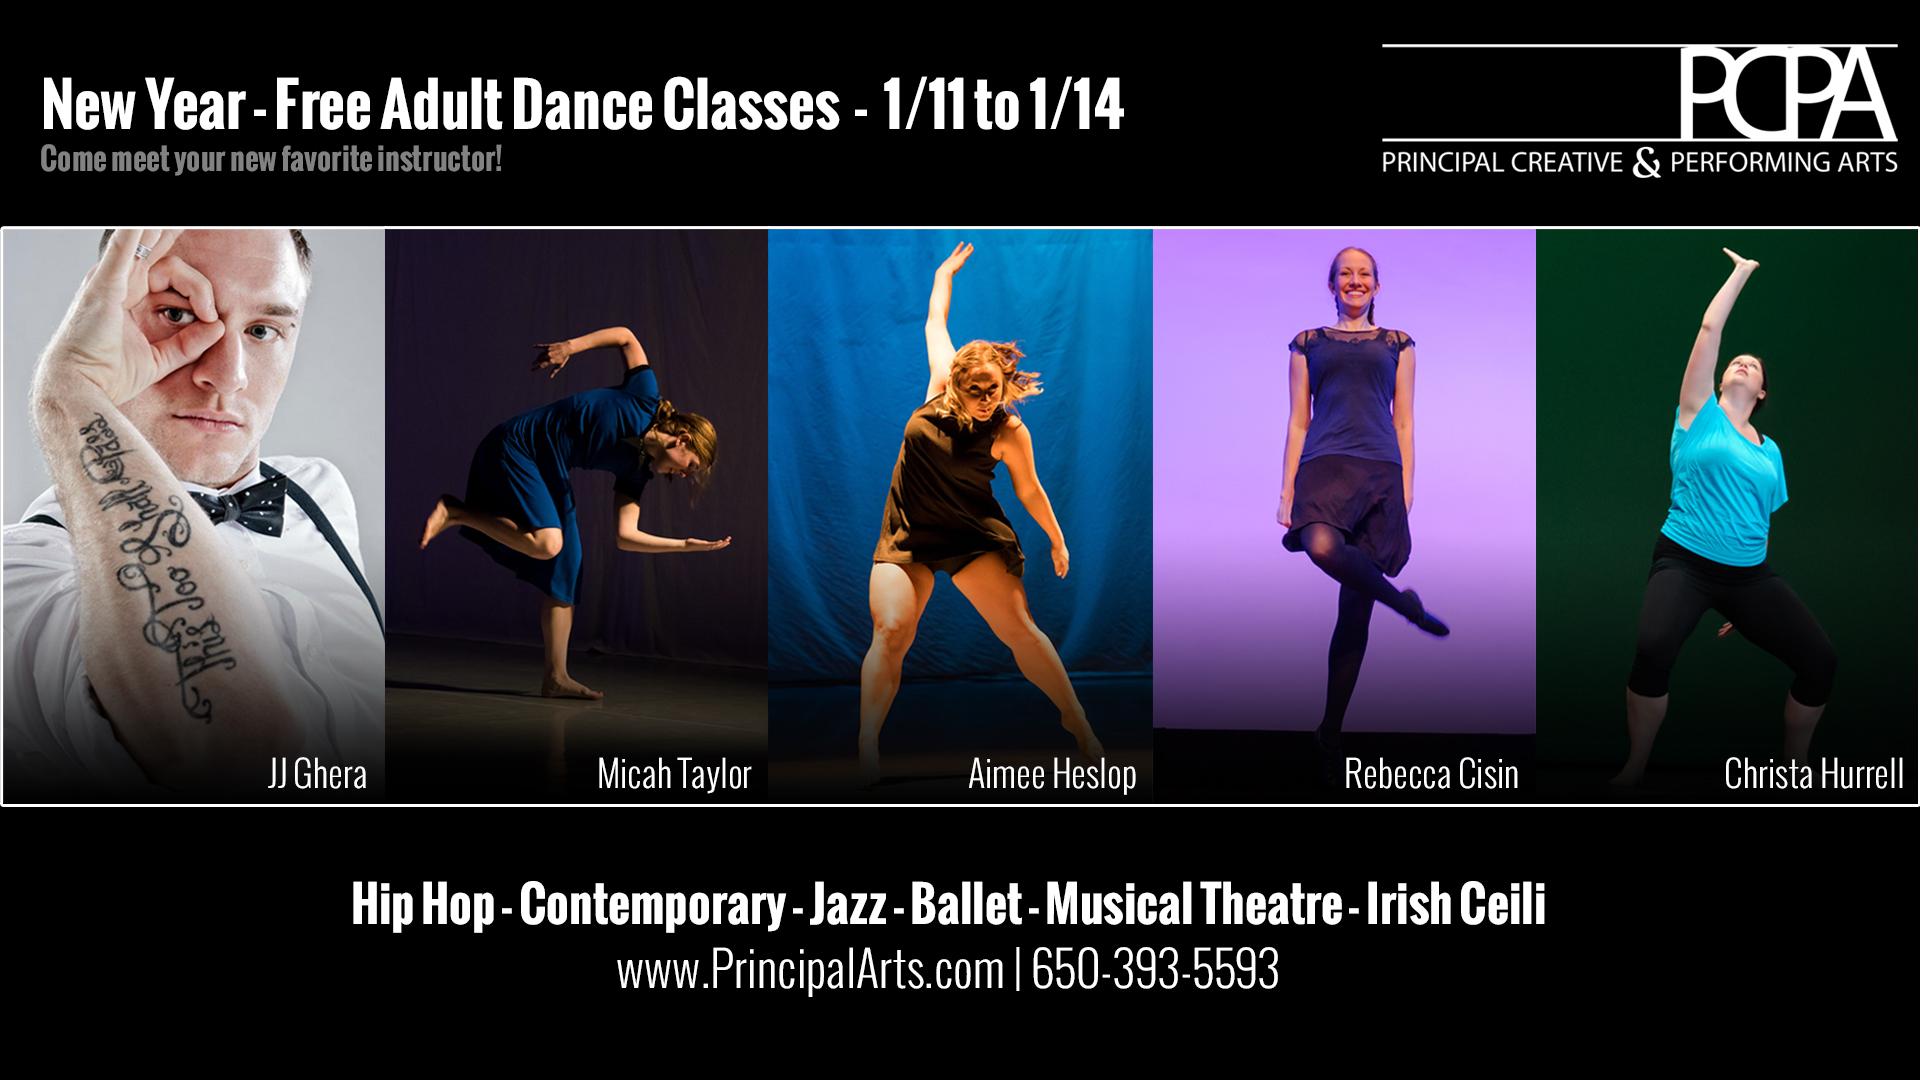 Free Adult Dance Classes